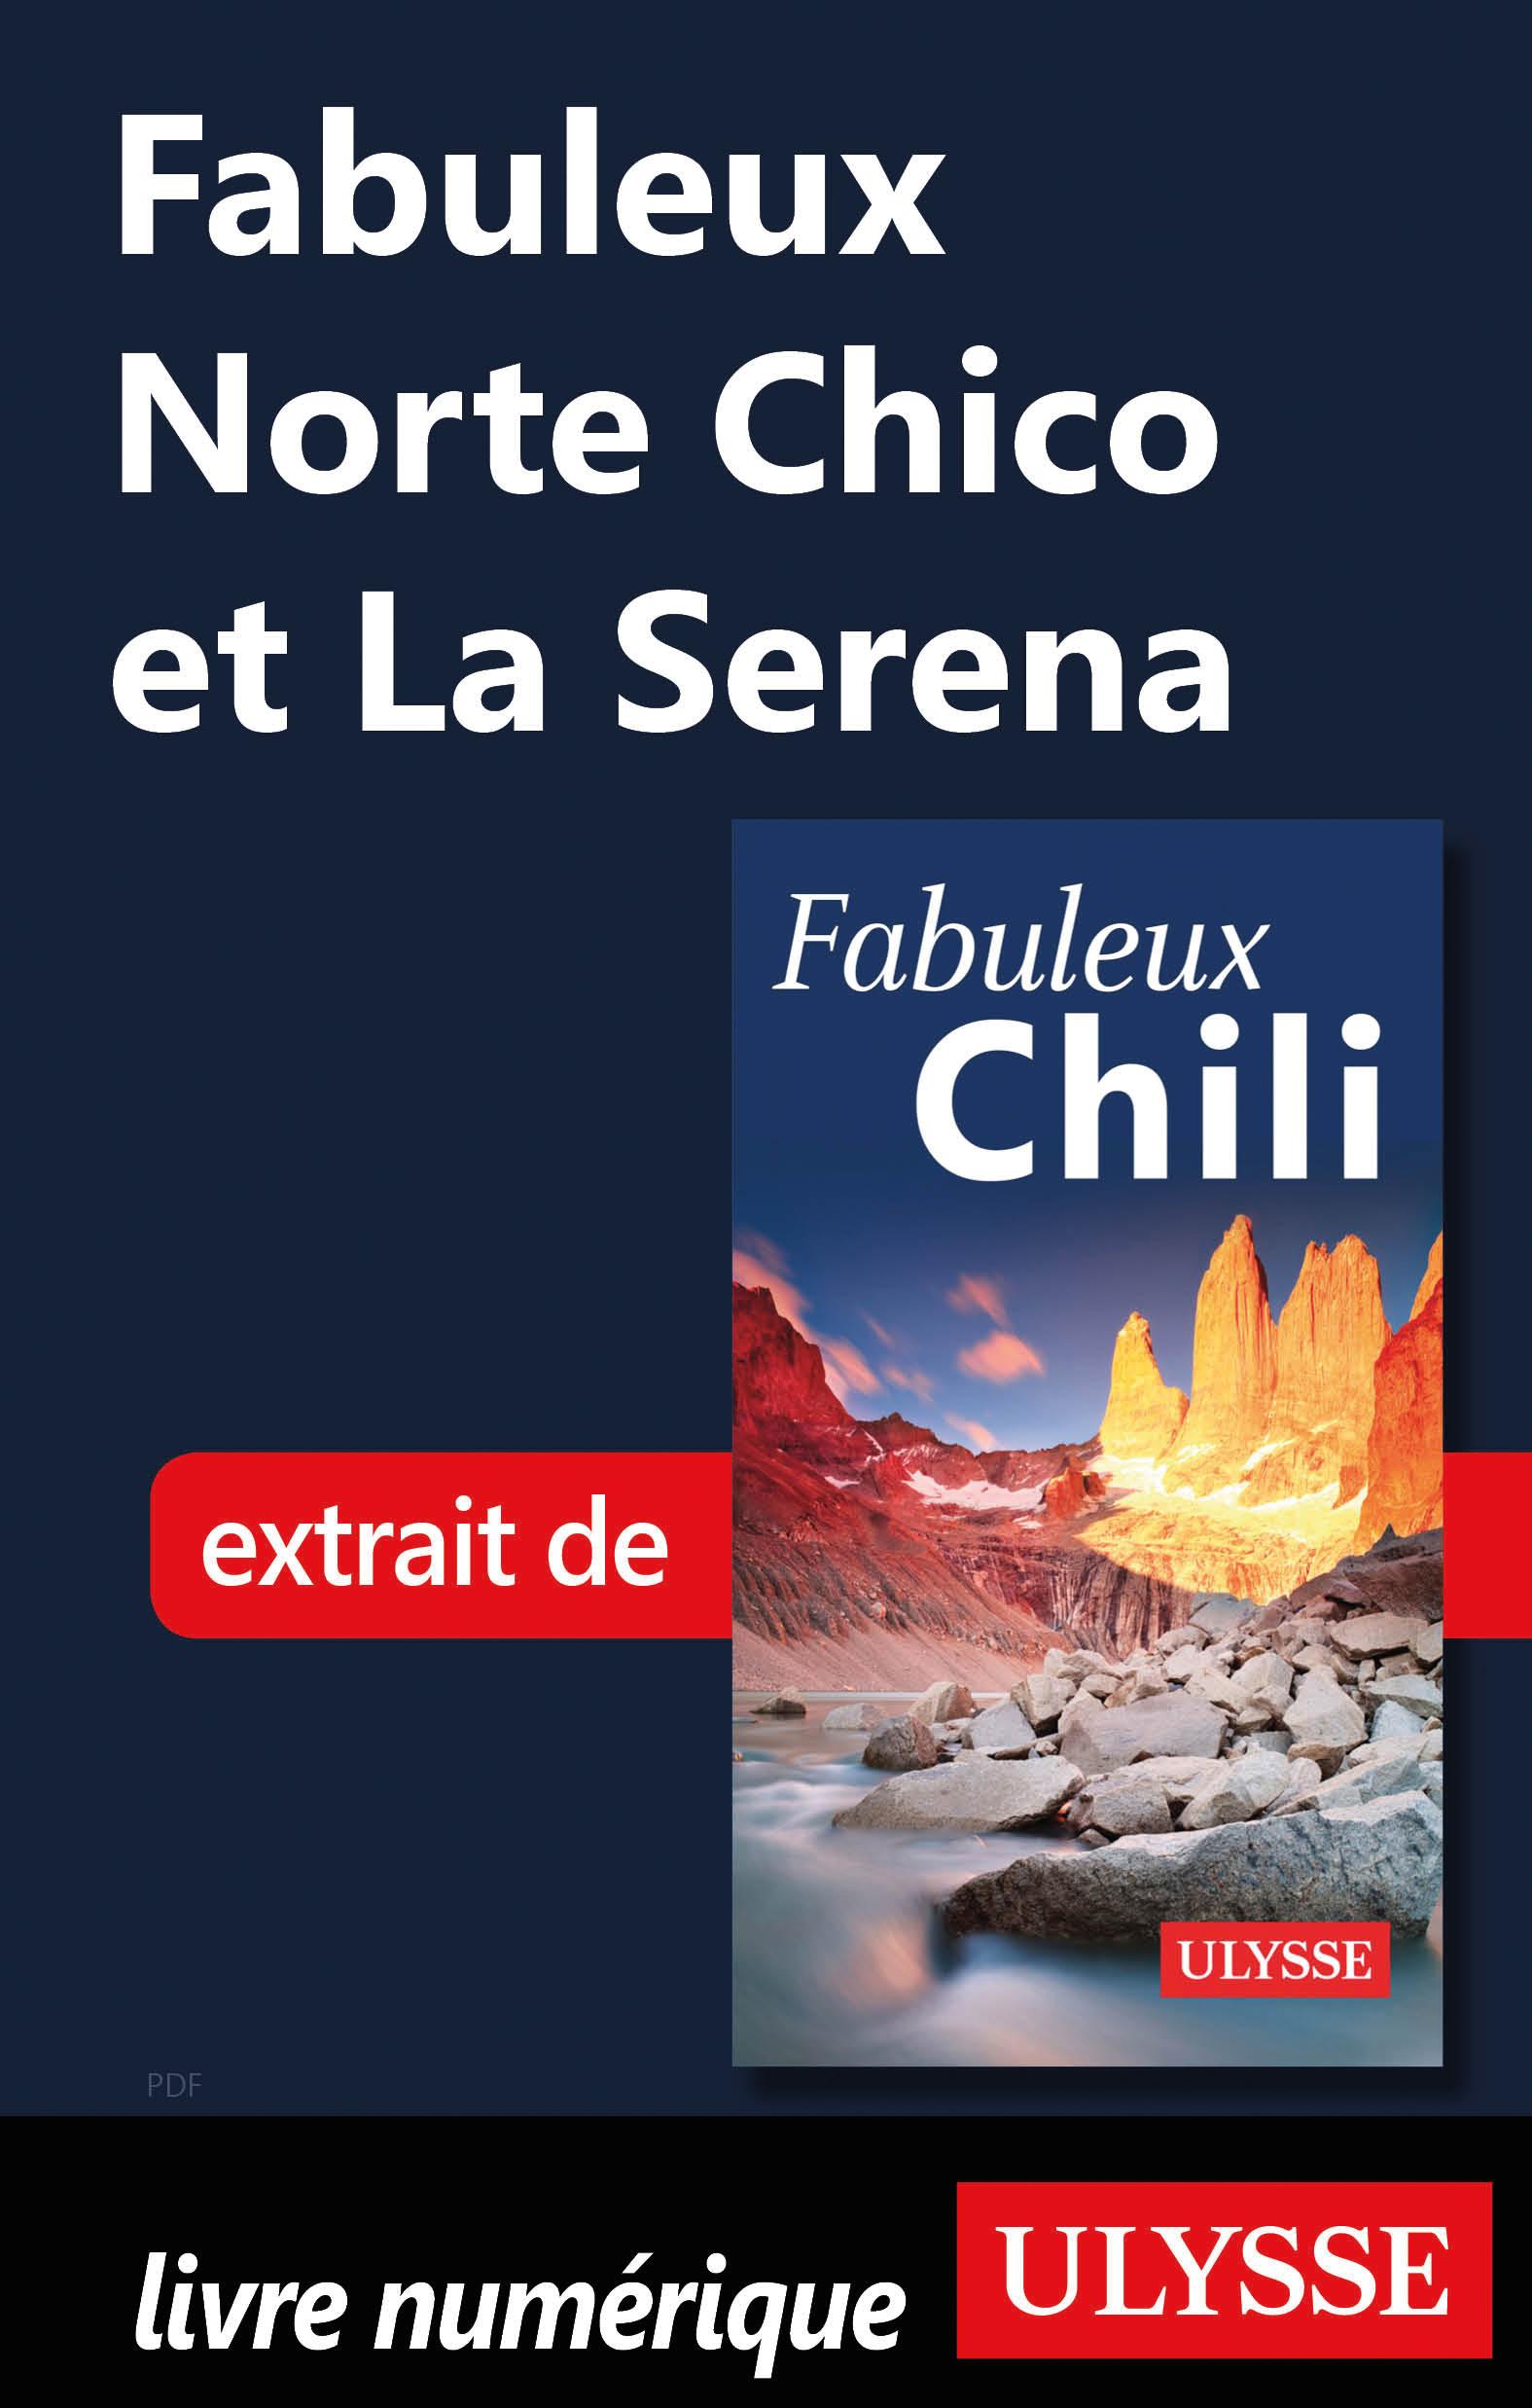 Fabuleux Norte Chico et La Serena (Chili)